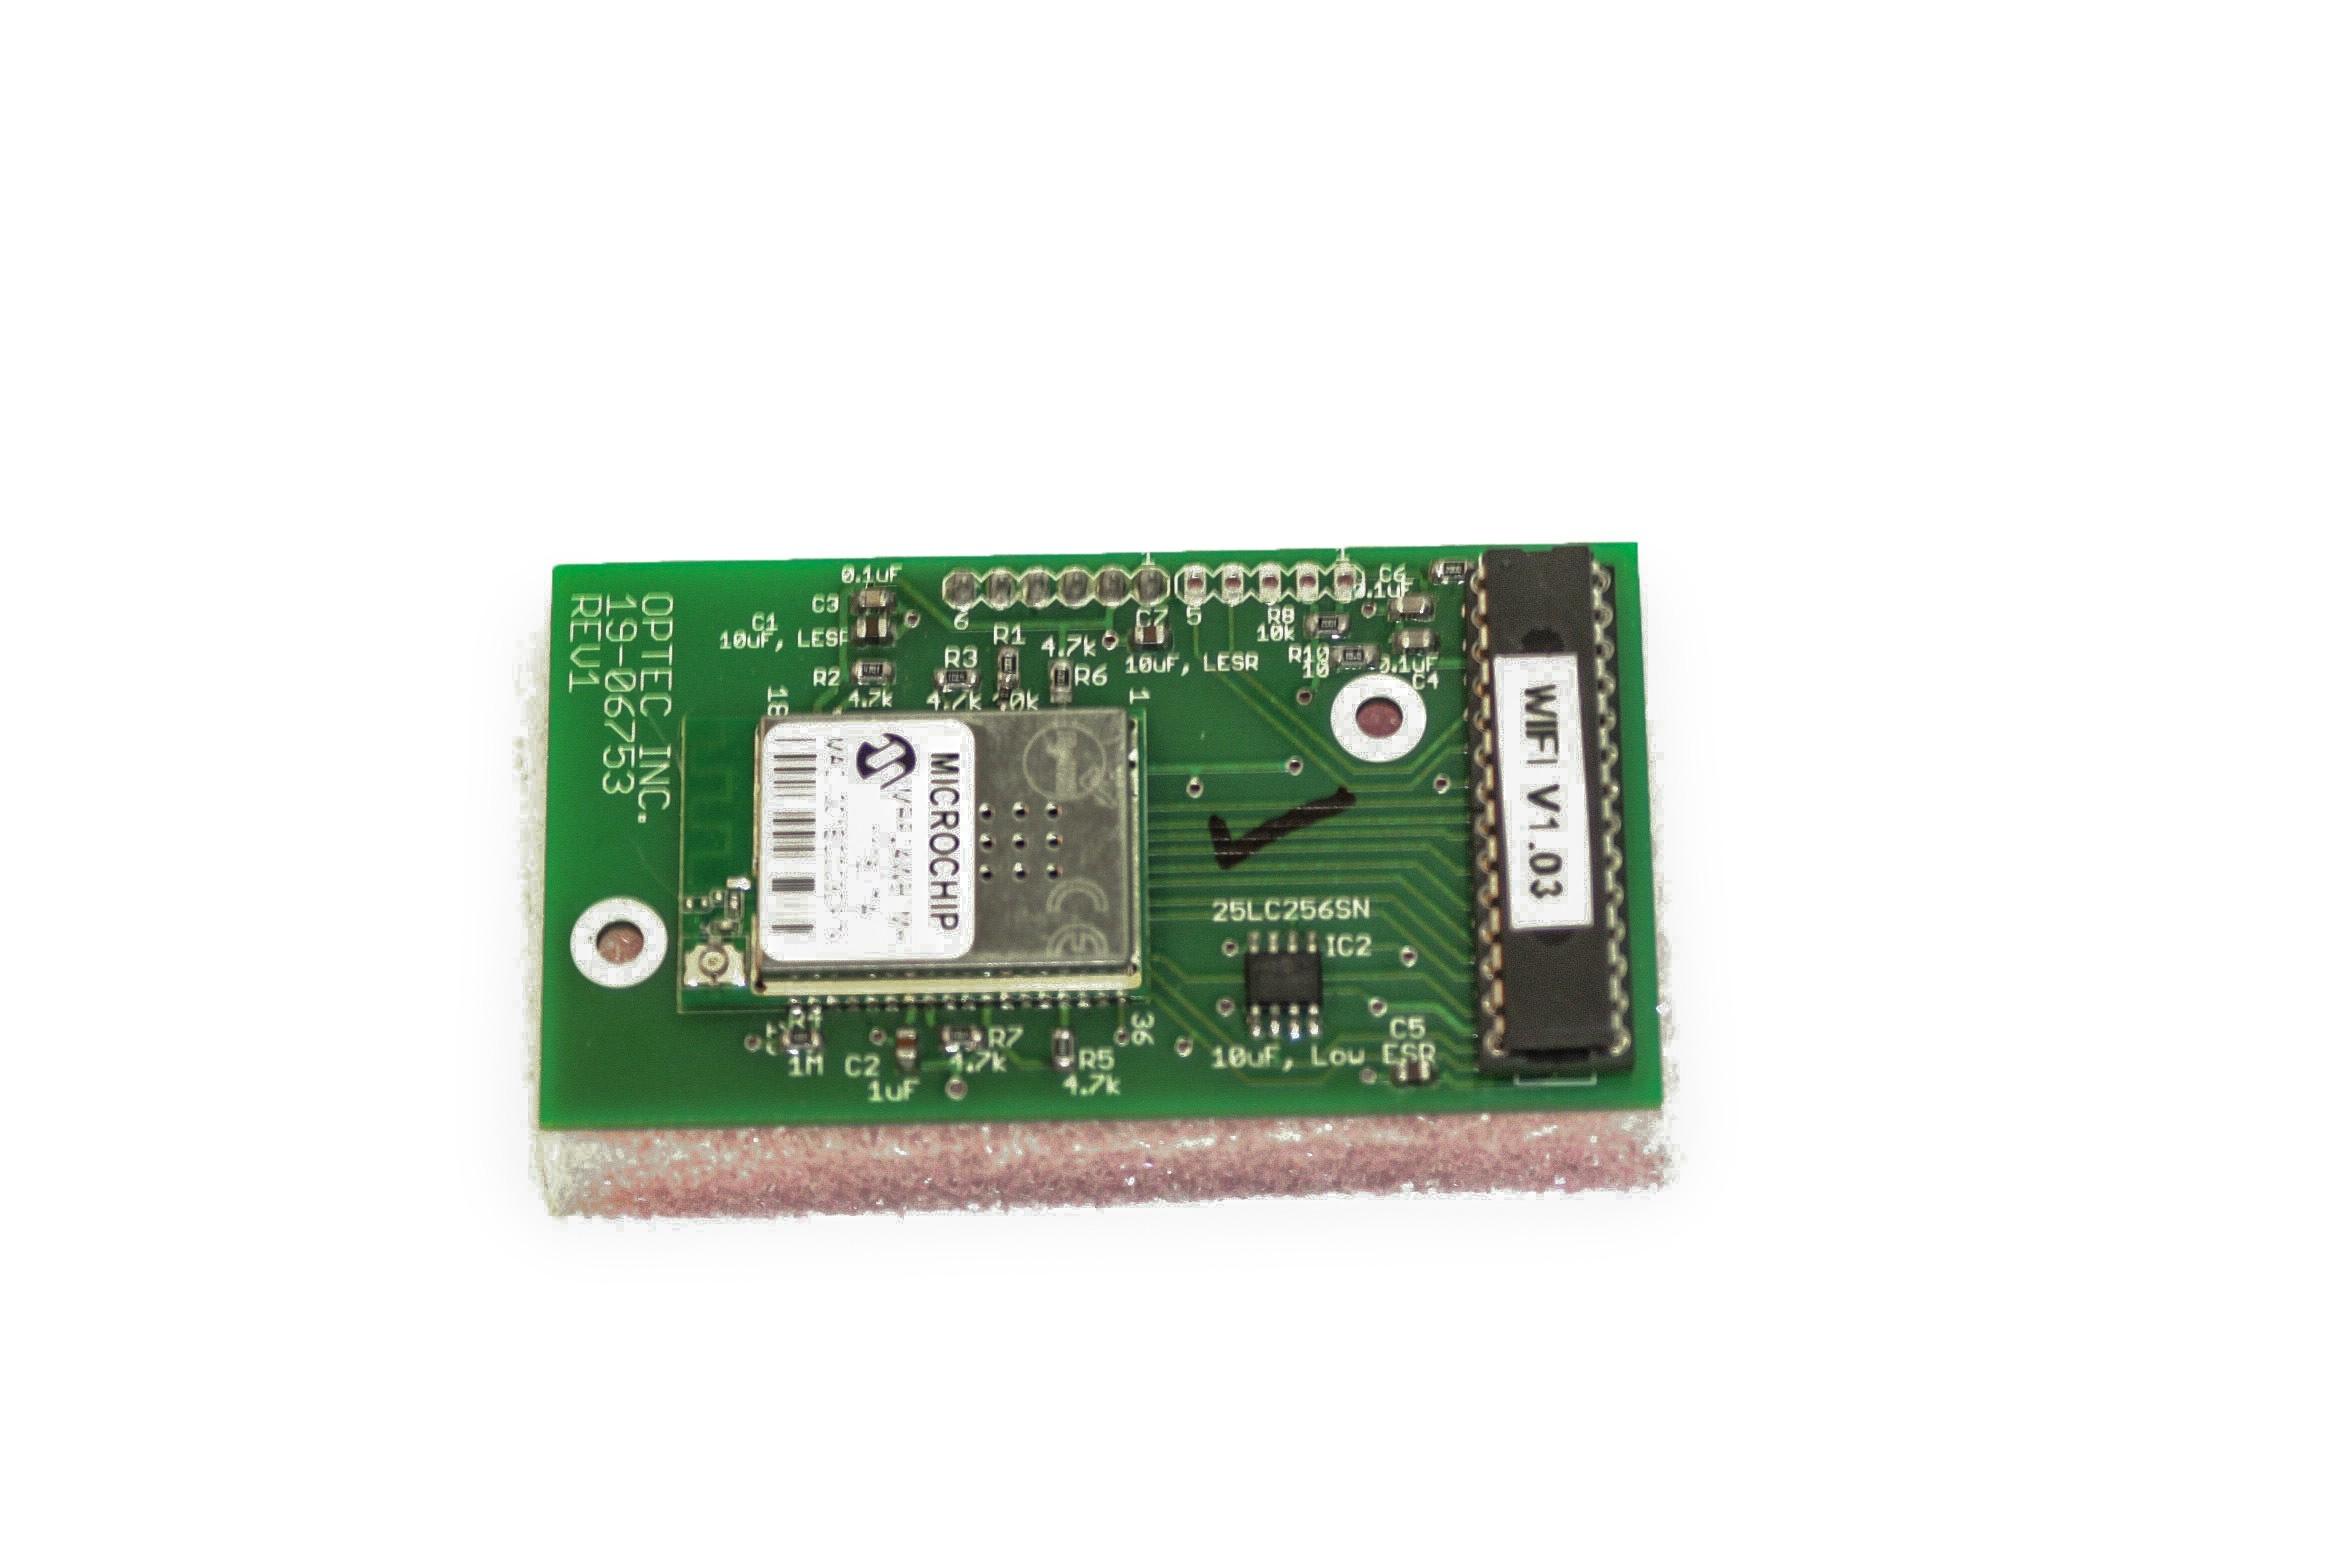 Optec Platine für 802.11b/g Wireless mit Antenne